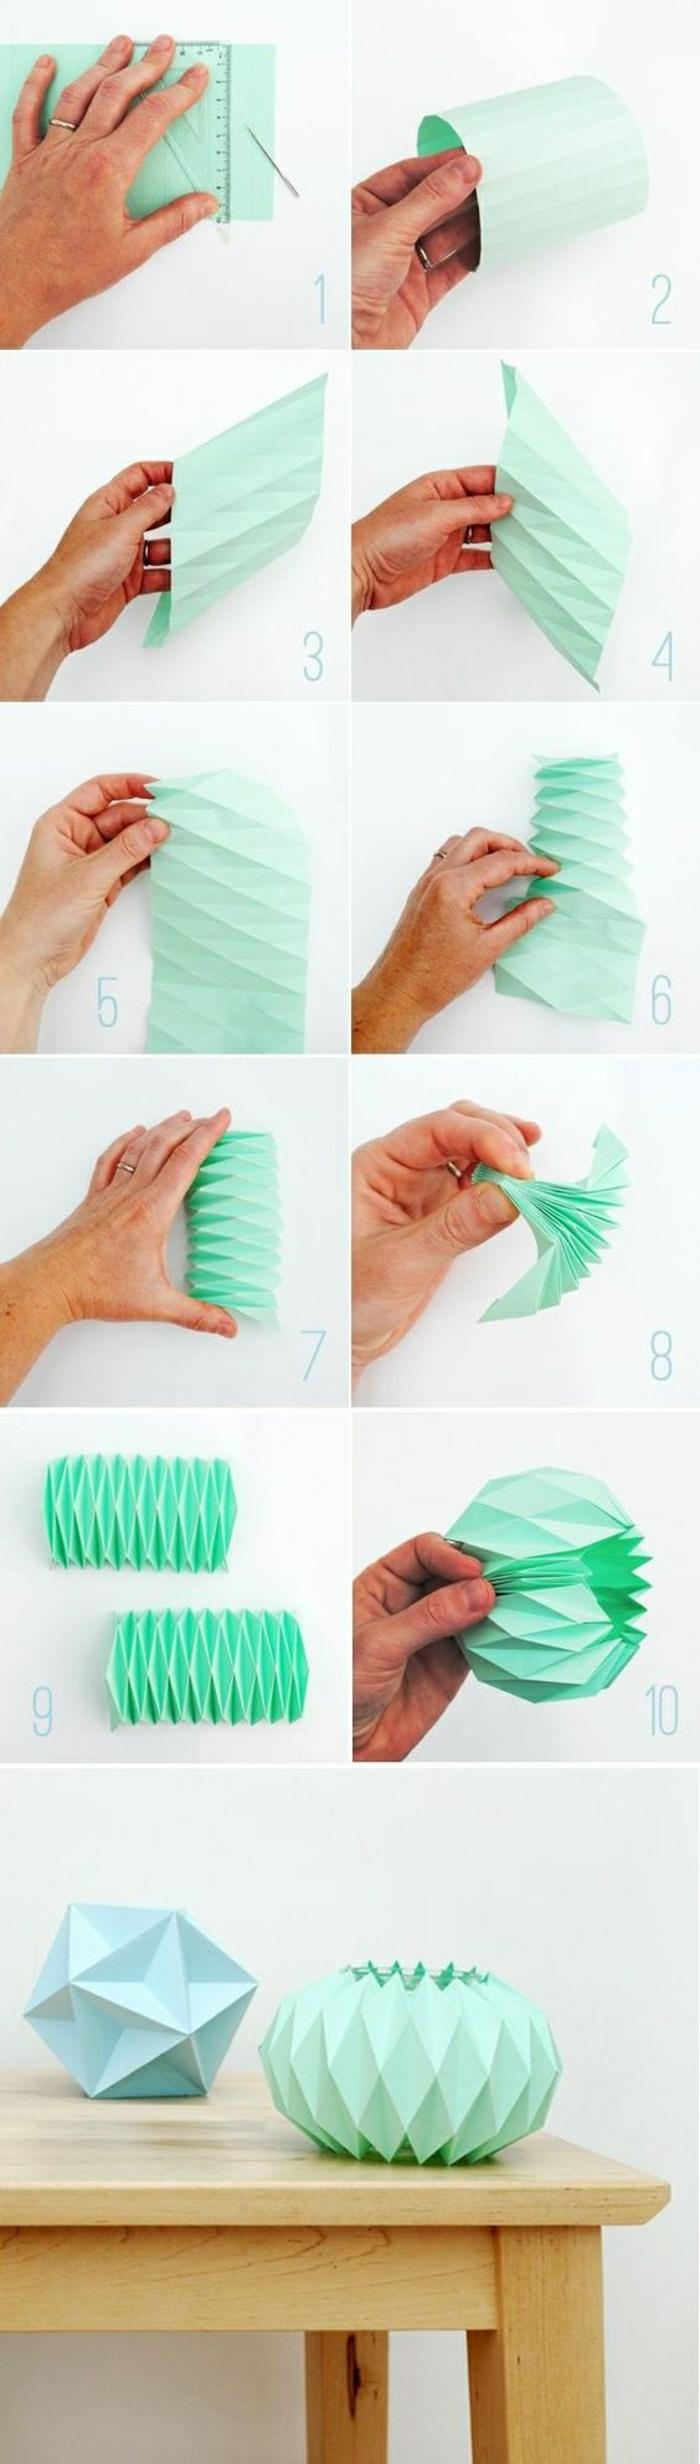 pliage-papier-coloré-pliage-origami-fleur-origami-figures-en-papier ...